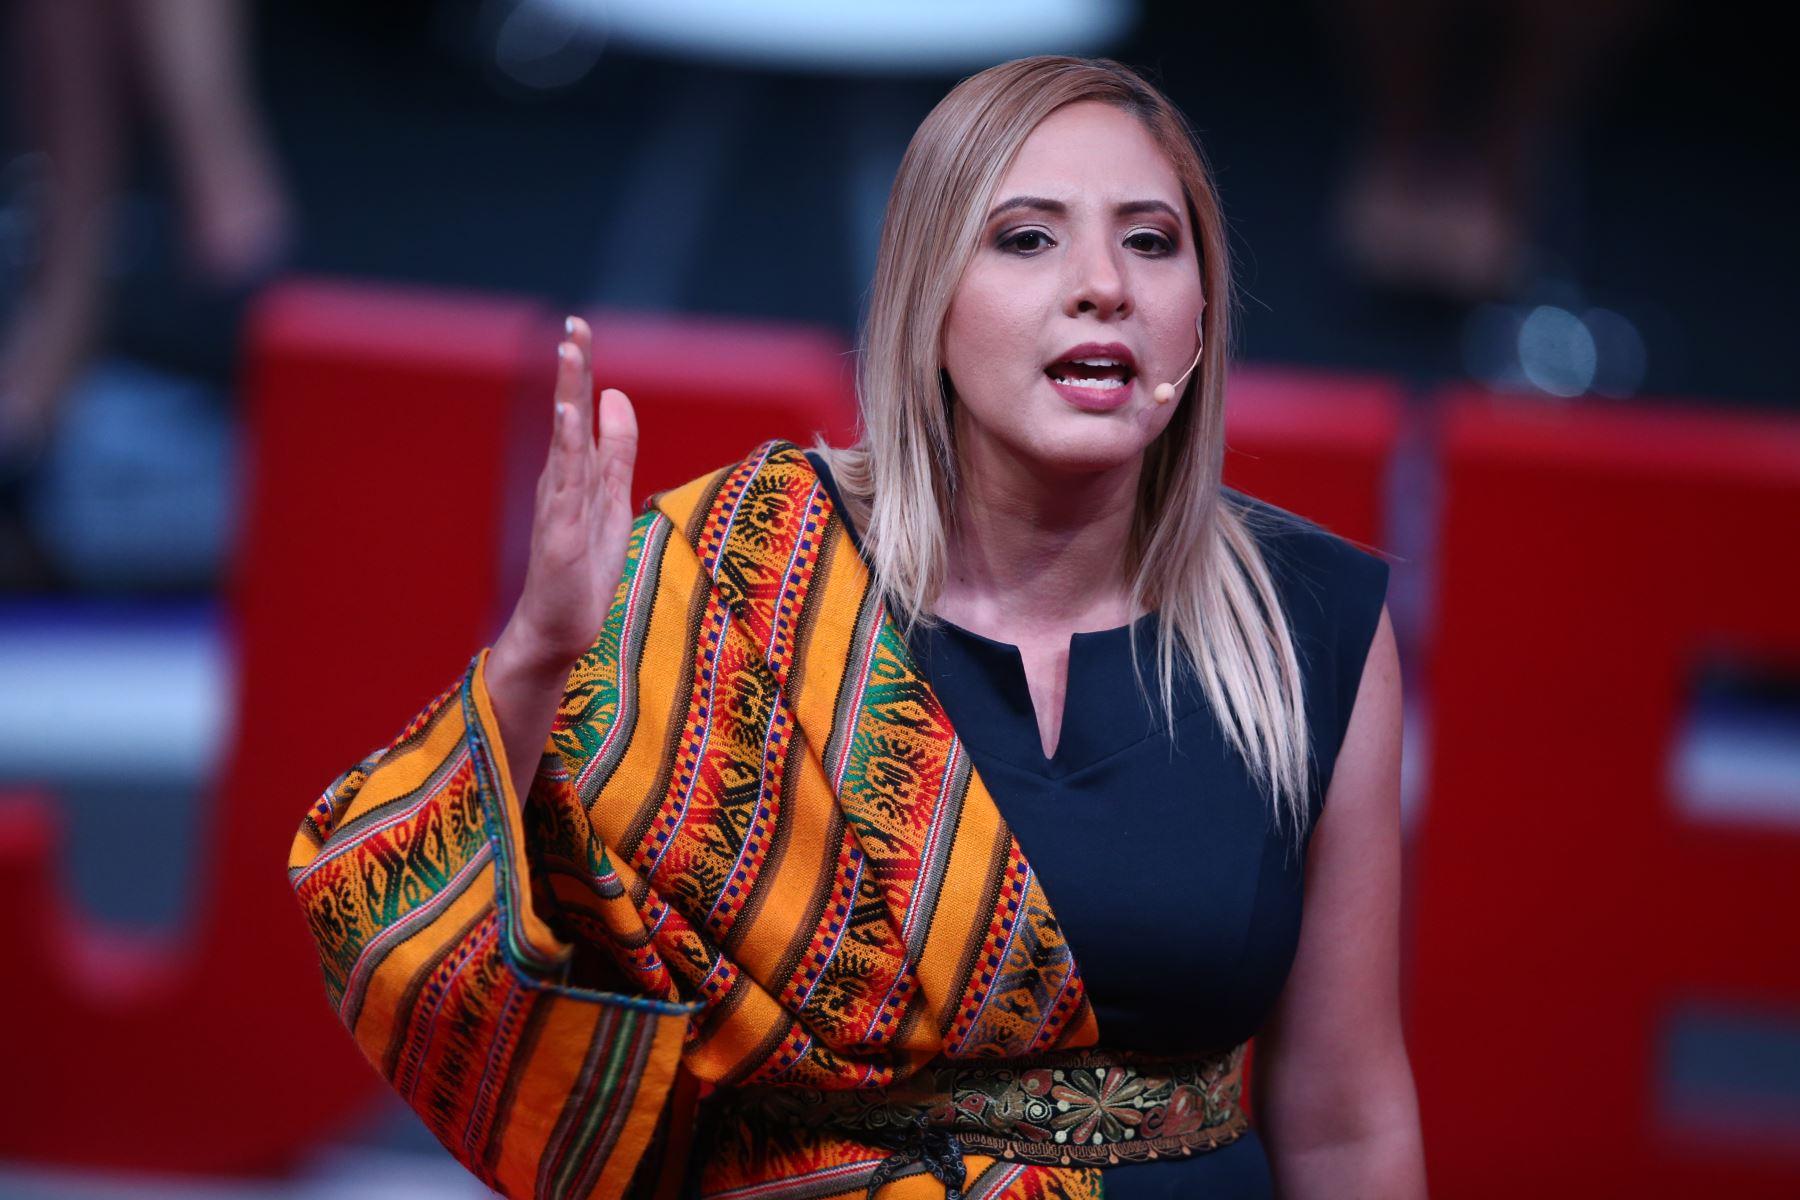 Andrea Medina, candidata al Congreso por Renacimiento Unido Nacional participa en tercer debate de Lima Metropolitana organizado por JNE. Foto: ANDINA/Vidal Tarqui